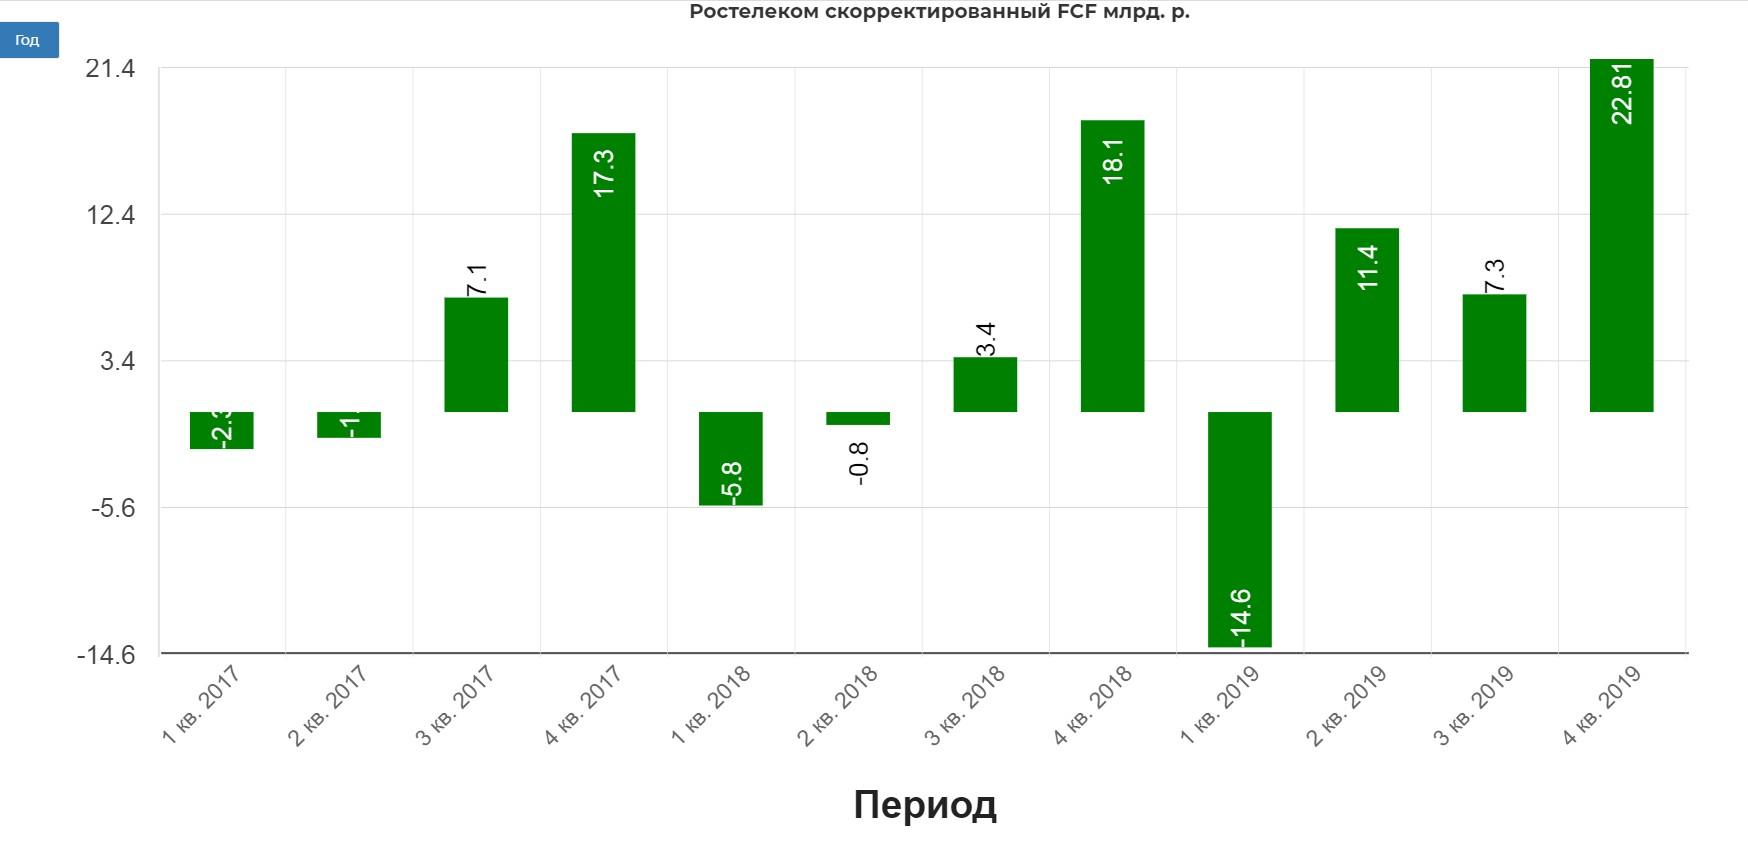 росТЕЛЕком. Обзор финансовых показателей по МСФО за 1-й квартал 2020 года. Рассмотрим возможность роста дивидендов.